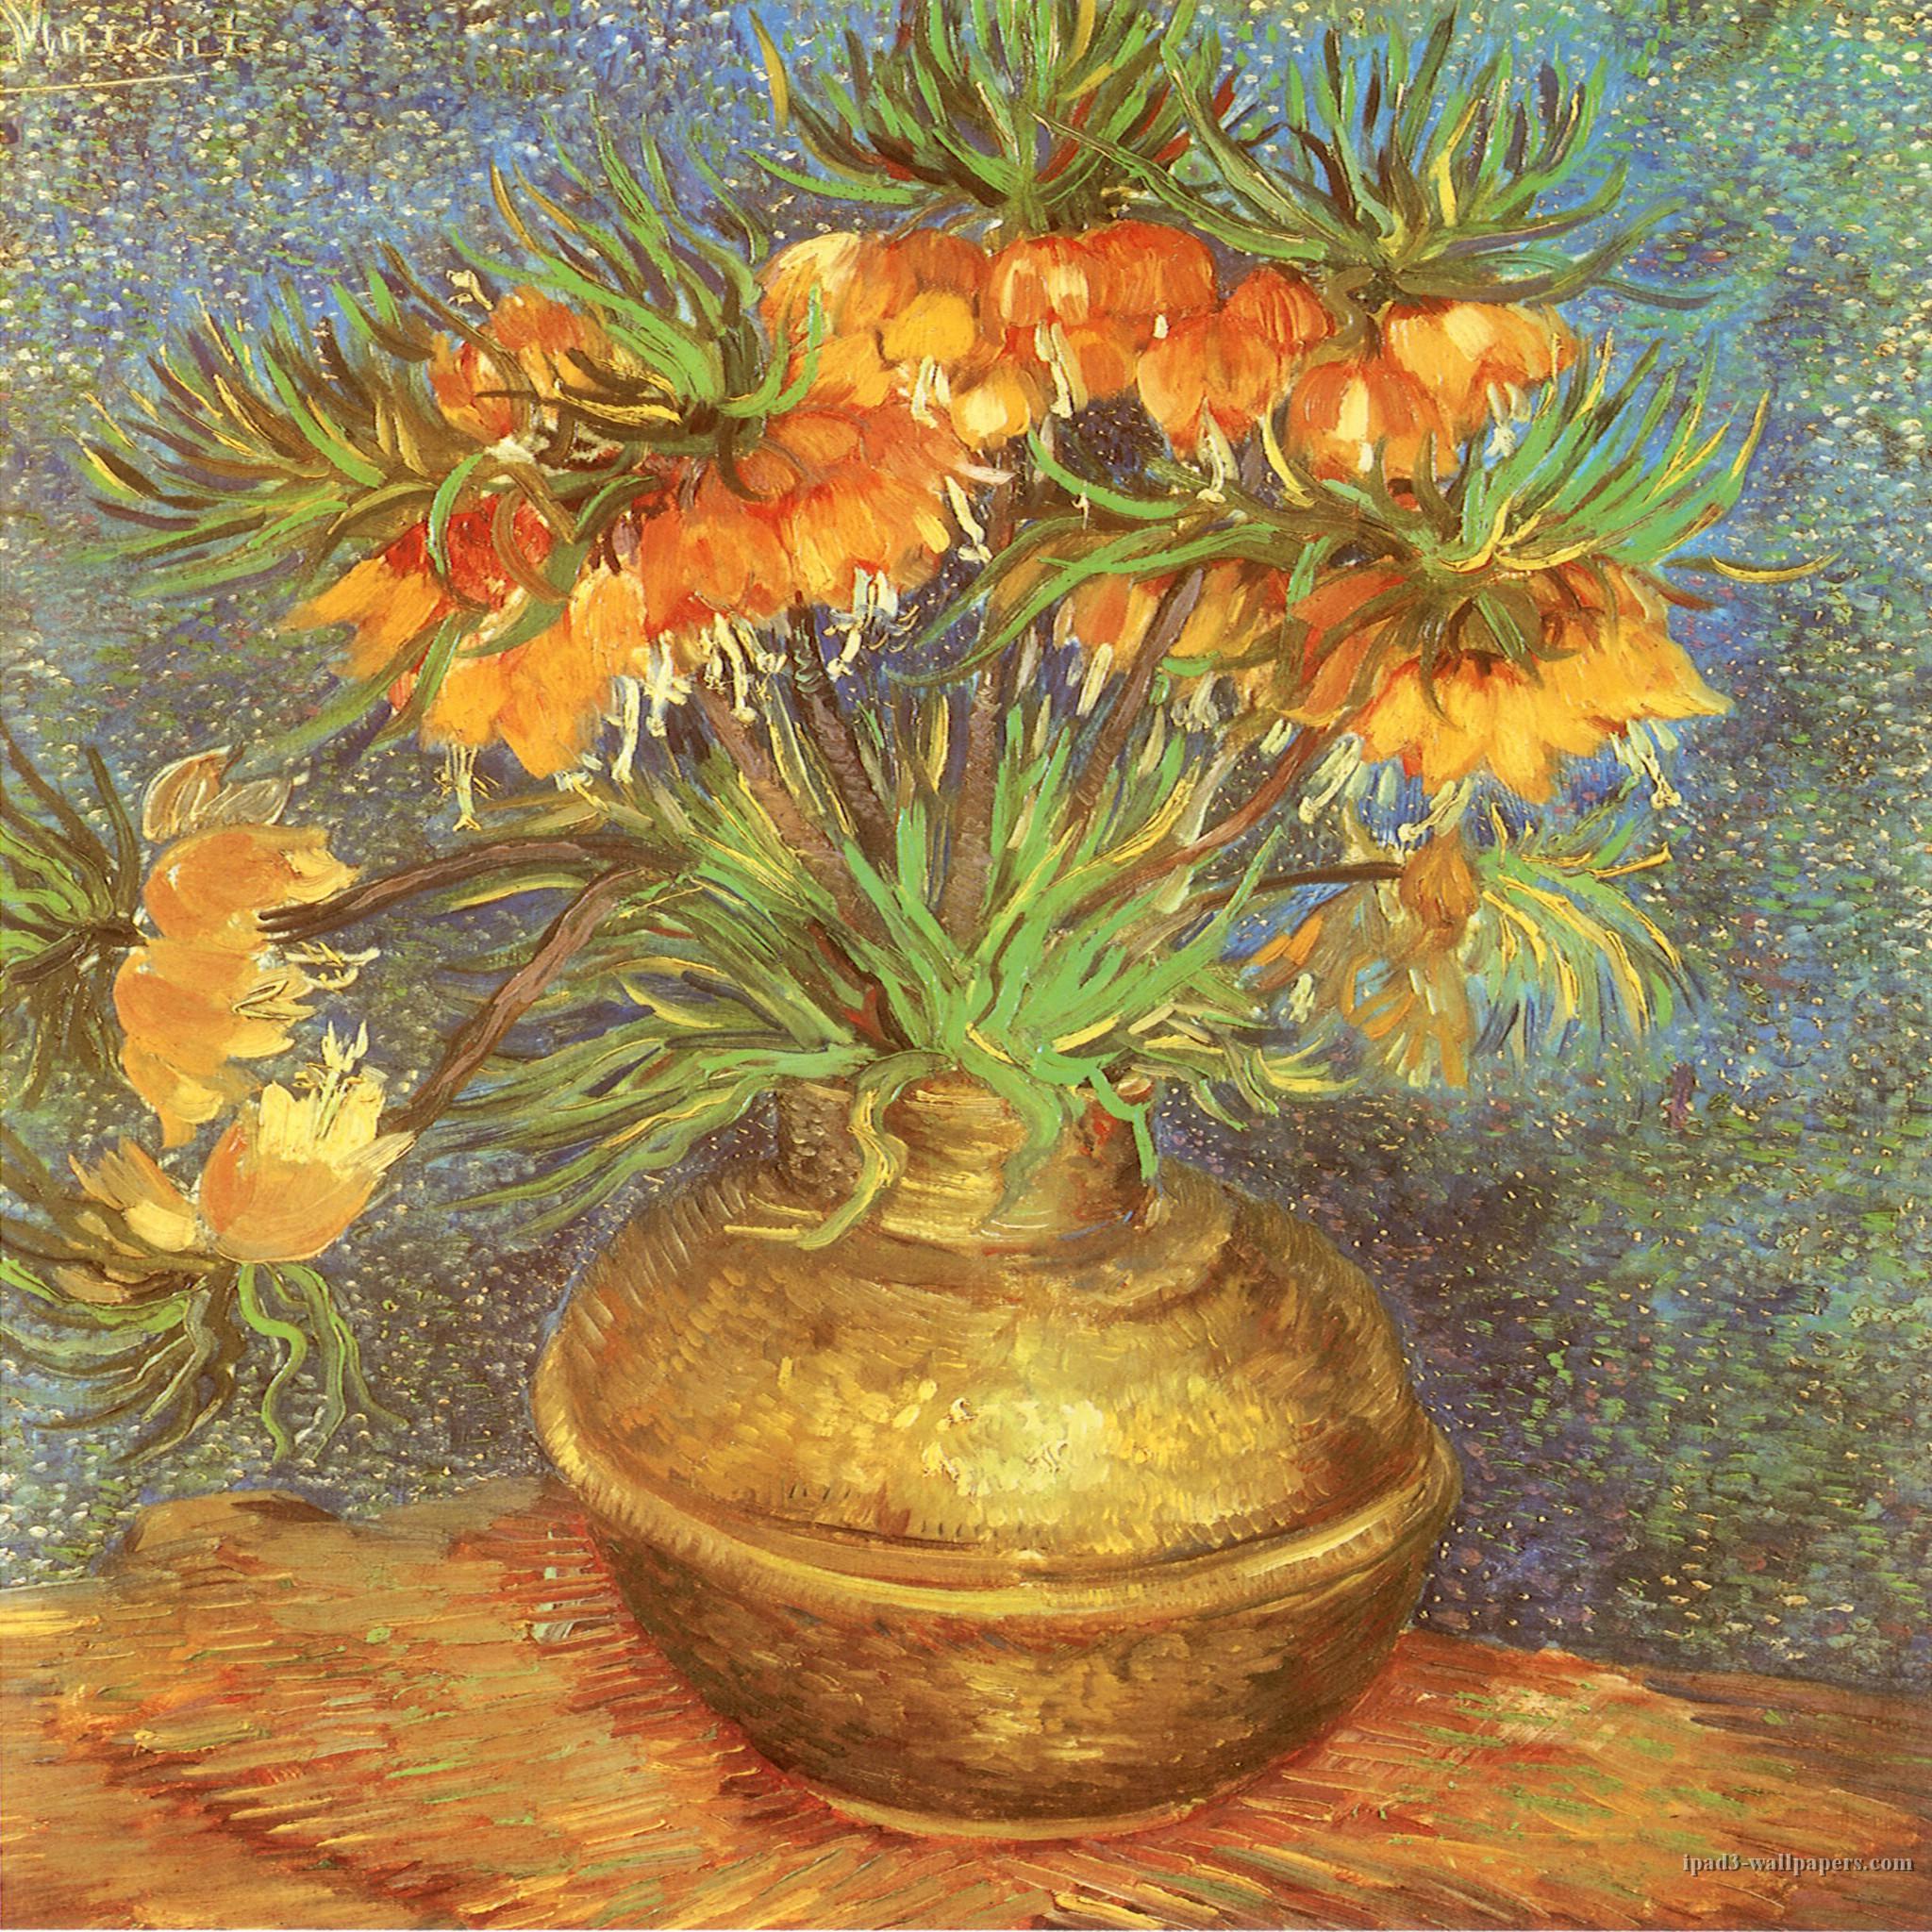 Vincent van Gogh iPad Wallpaper 153 New iPad 3 Background 2048x1536 2048x2048